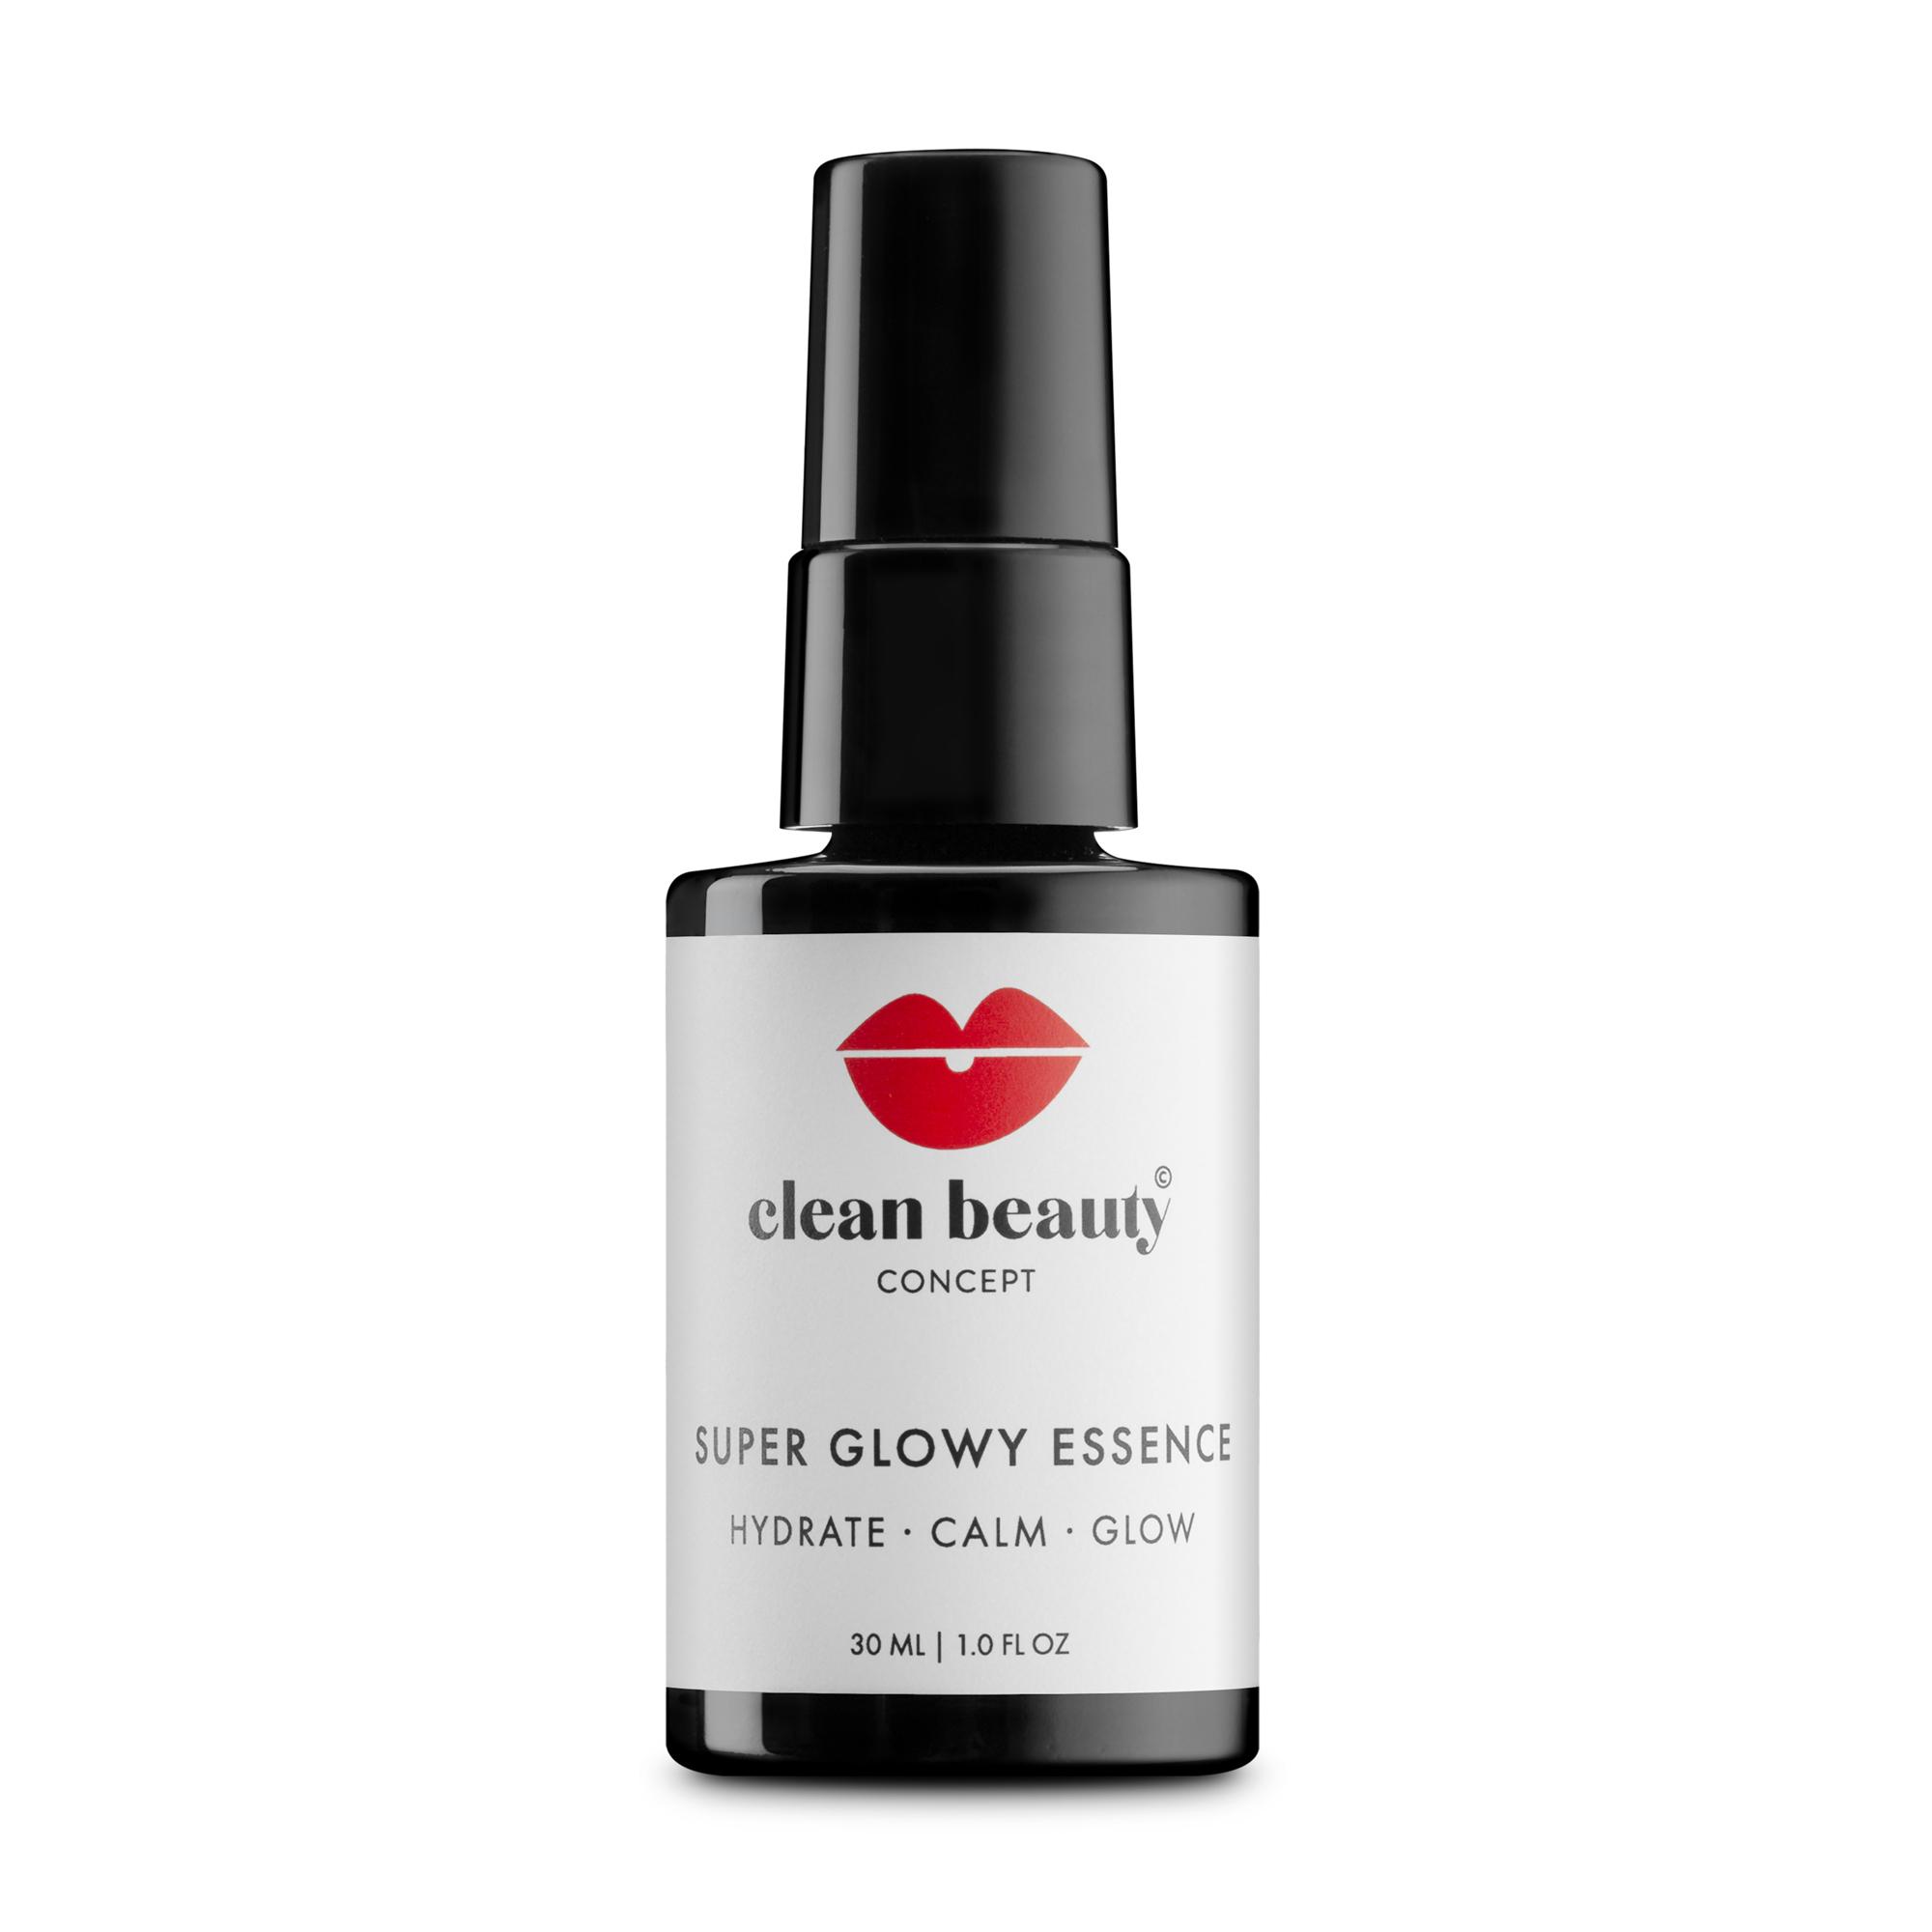 Produktfotograf -Produktfoto von Kosmetikproduktfflasche für Onlineshop